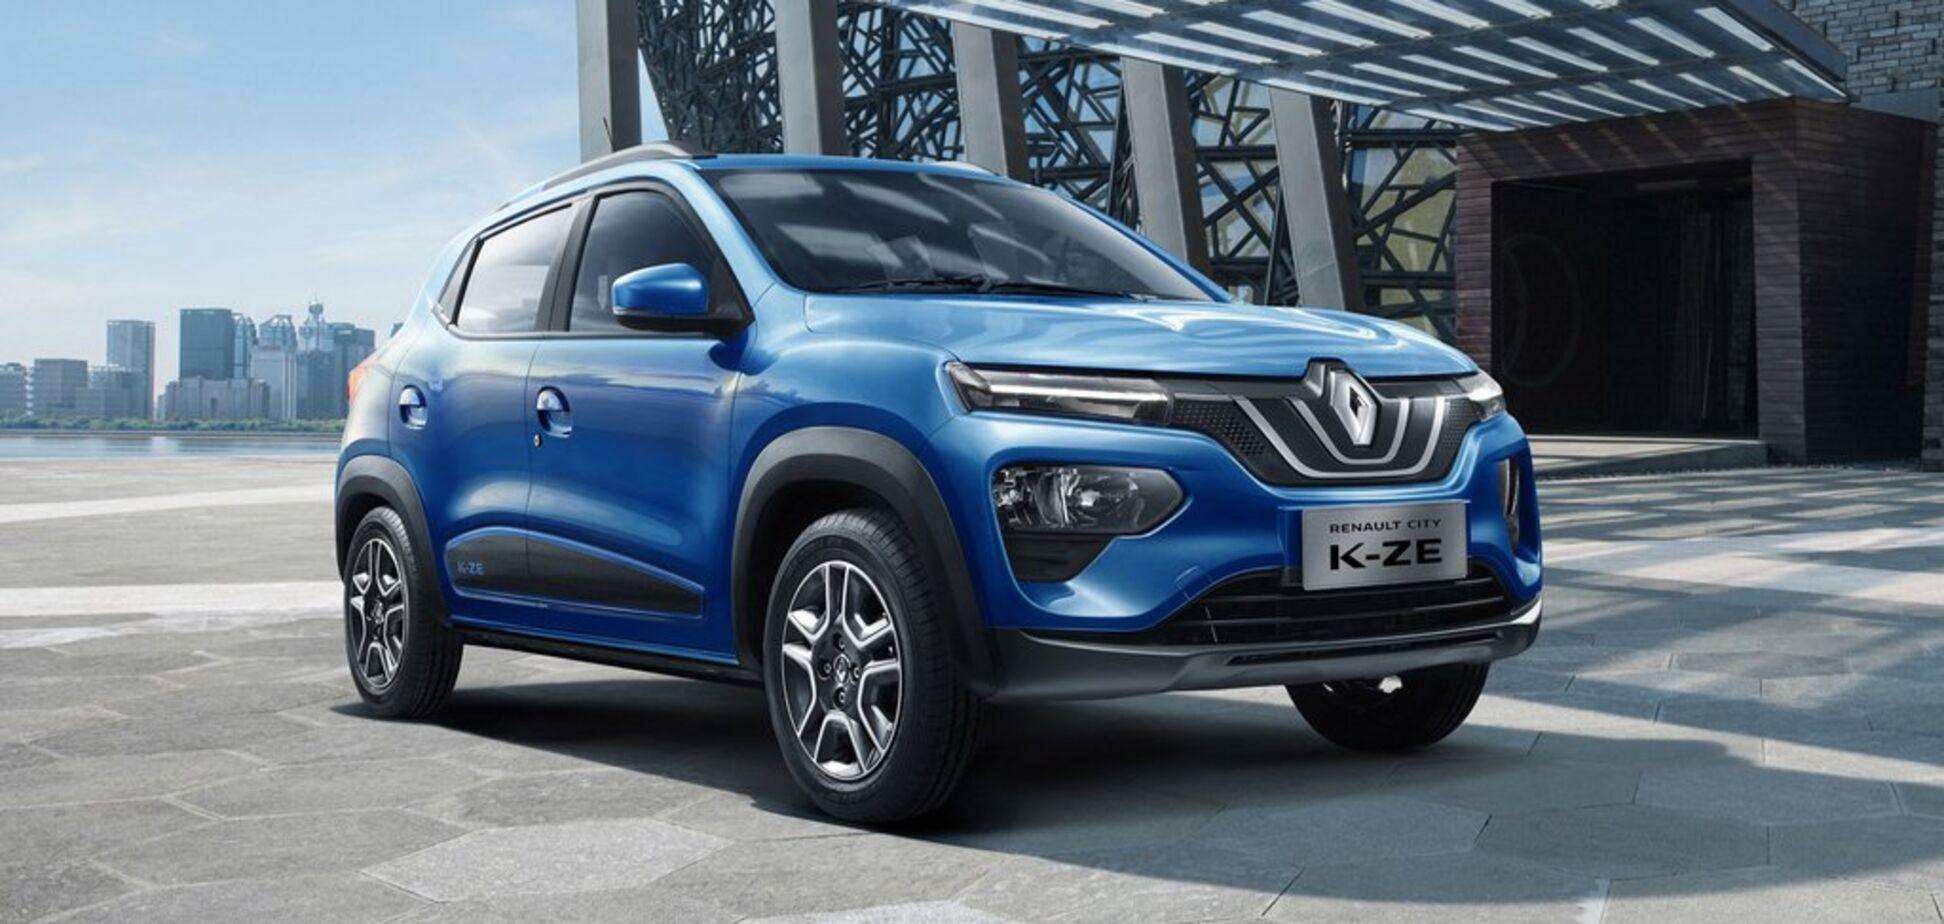 Renault предложит европейцам недорогой электрический кроссовер